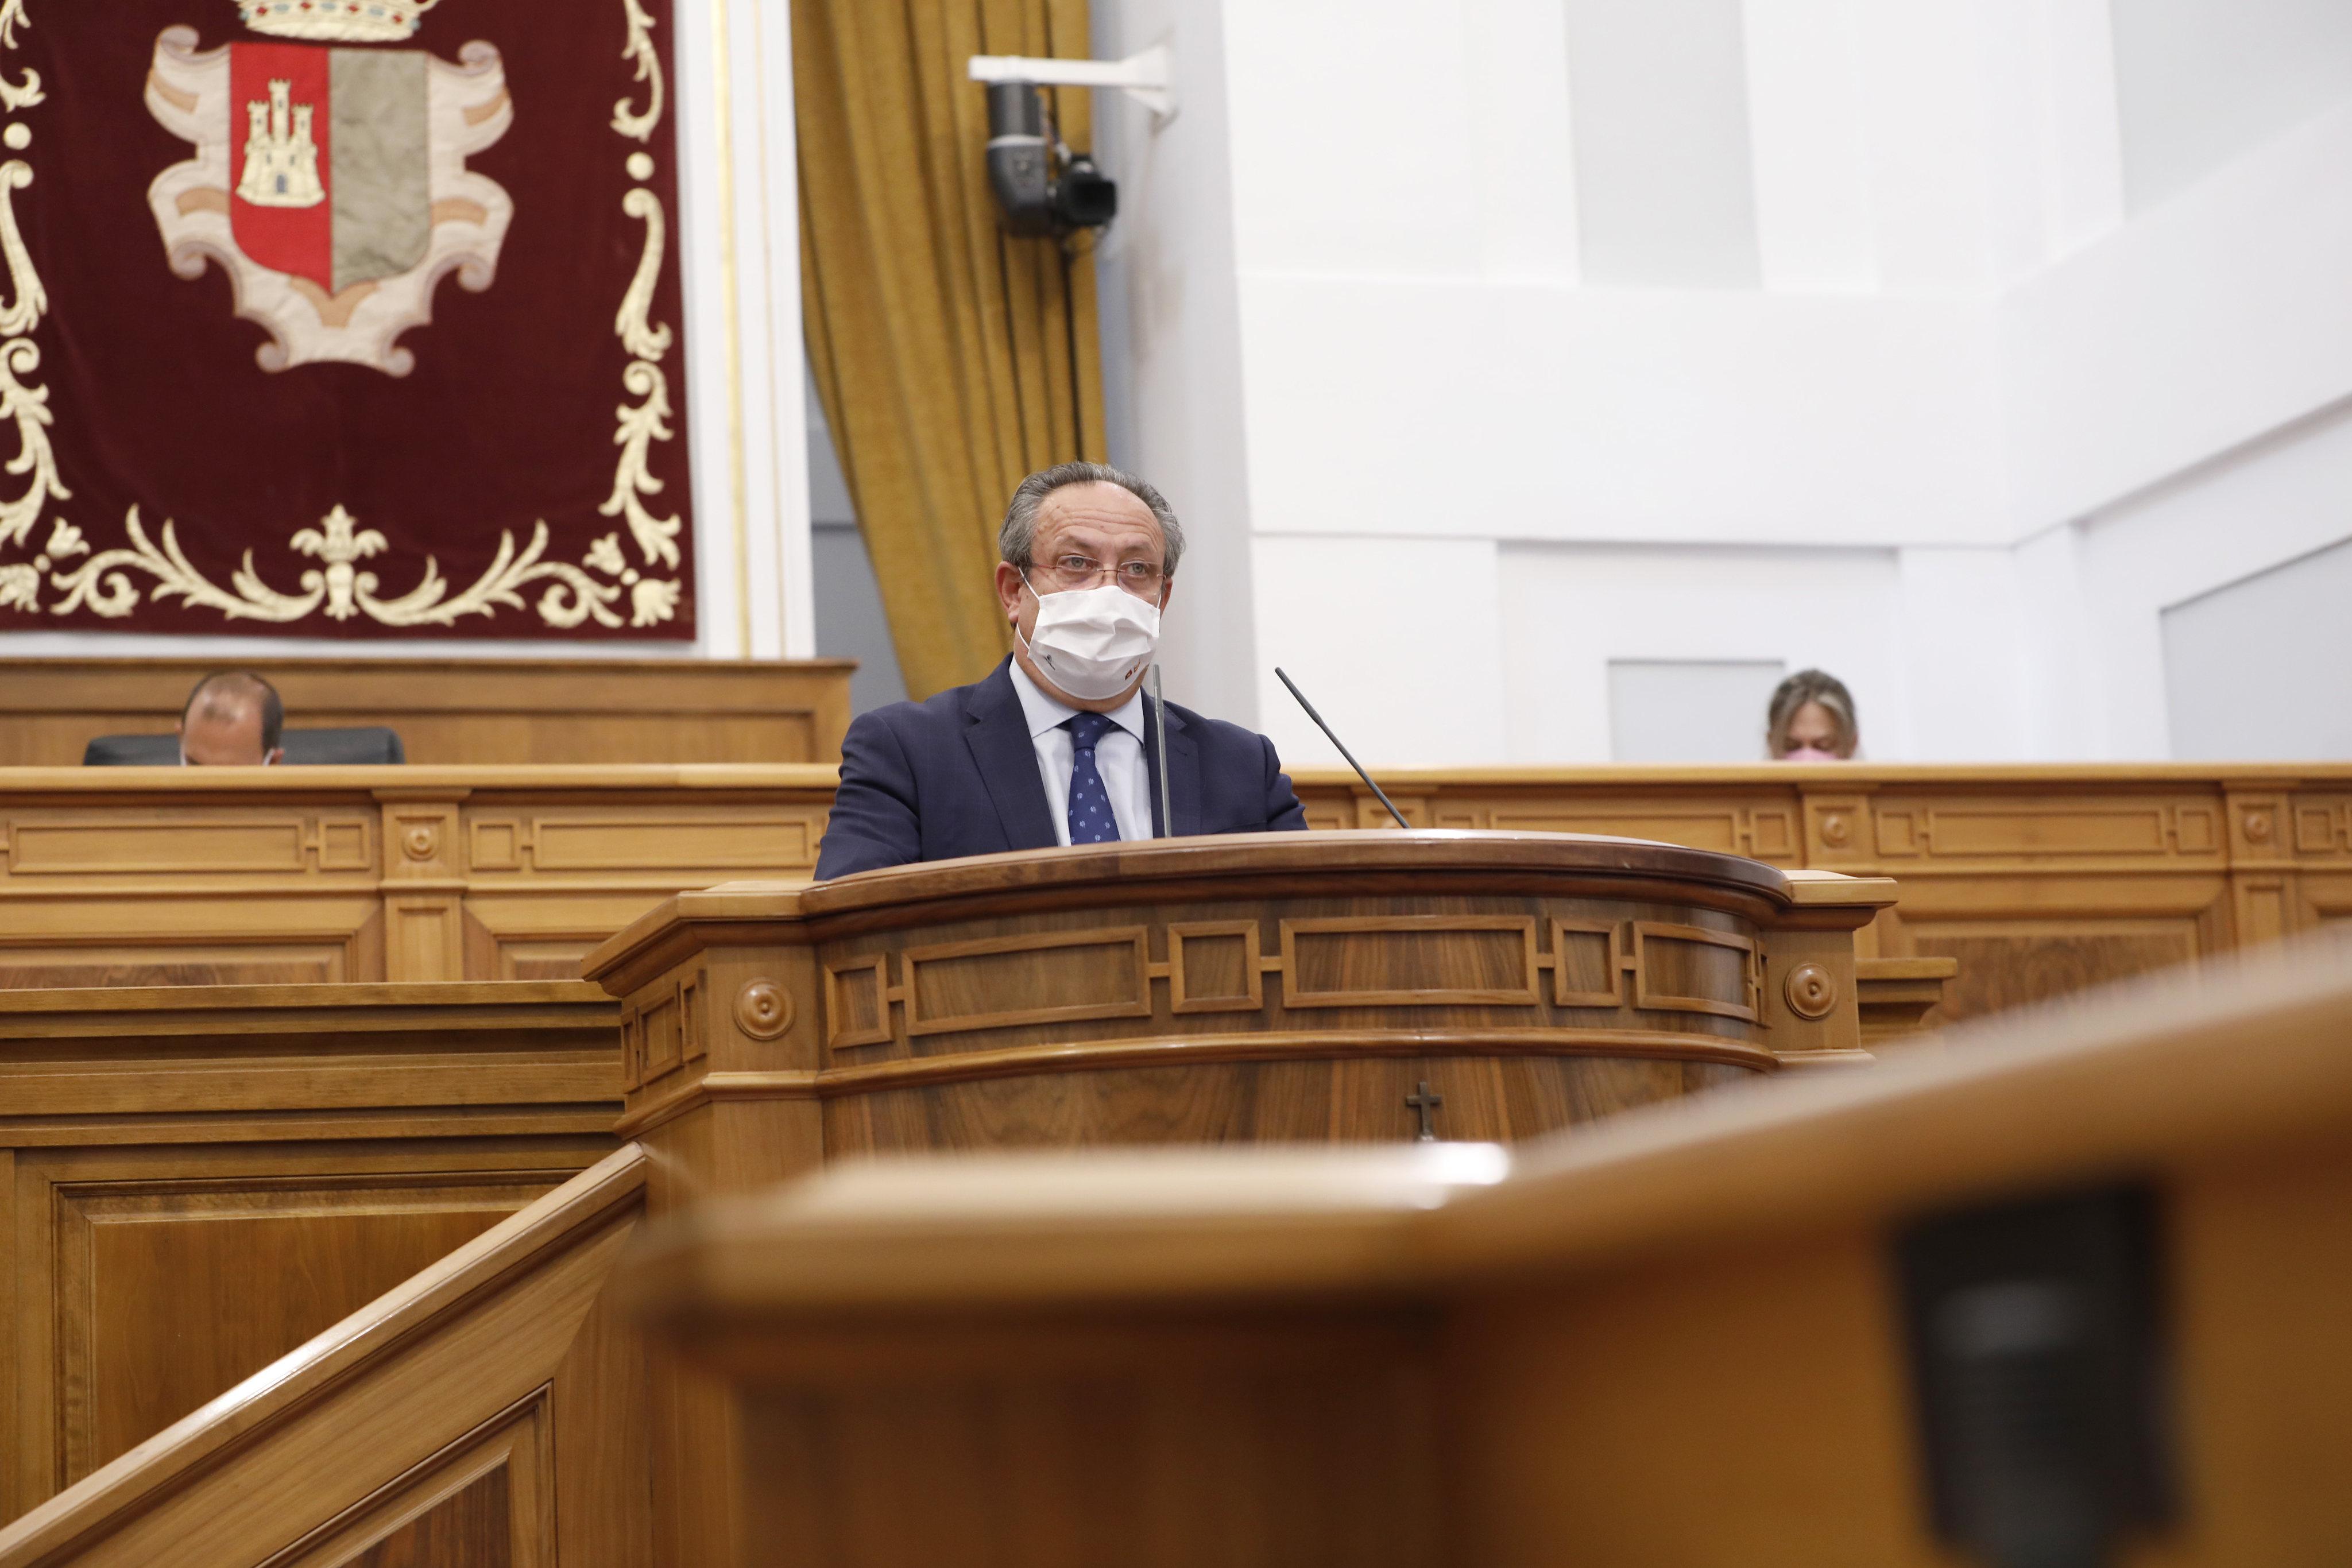 Pleno de las cortes de Castilla-La Mancha (22 de julio de 2021) (Hacienda)